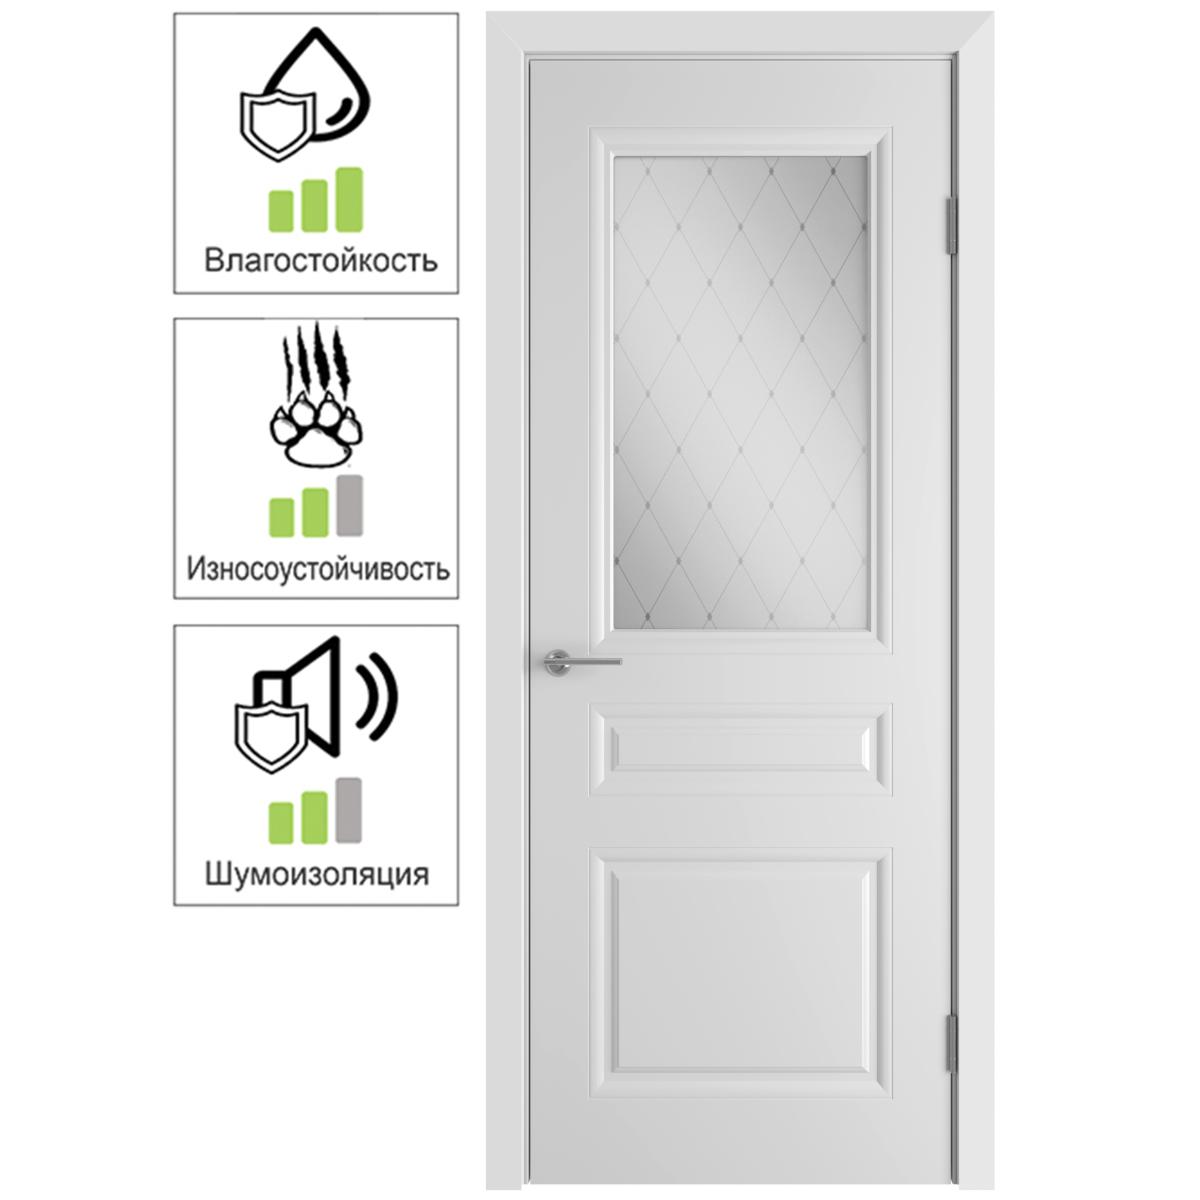 Дверь межкомнатная остеклённая Стелла 60x200 см эмаль цвет белый